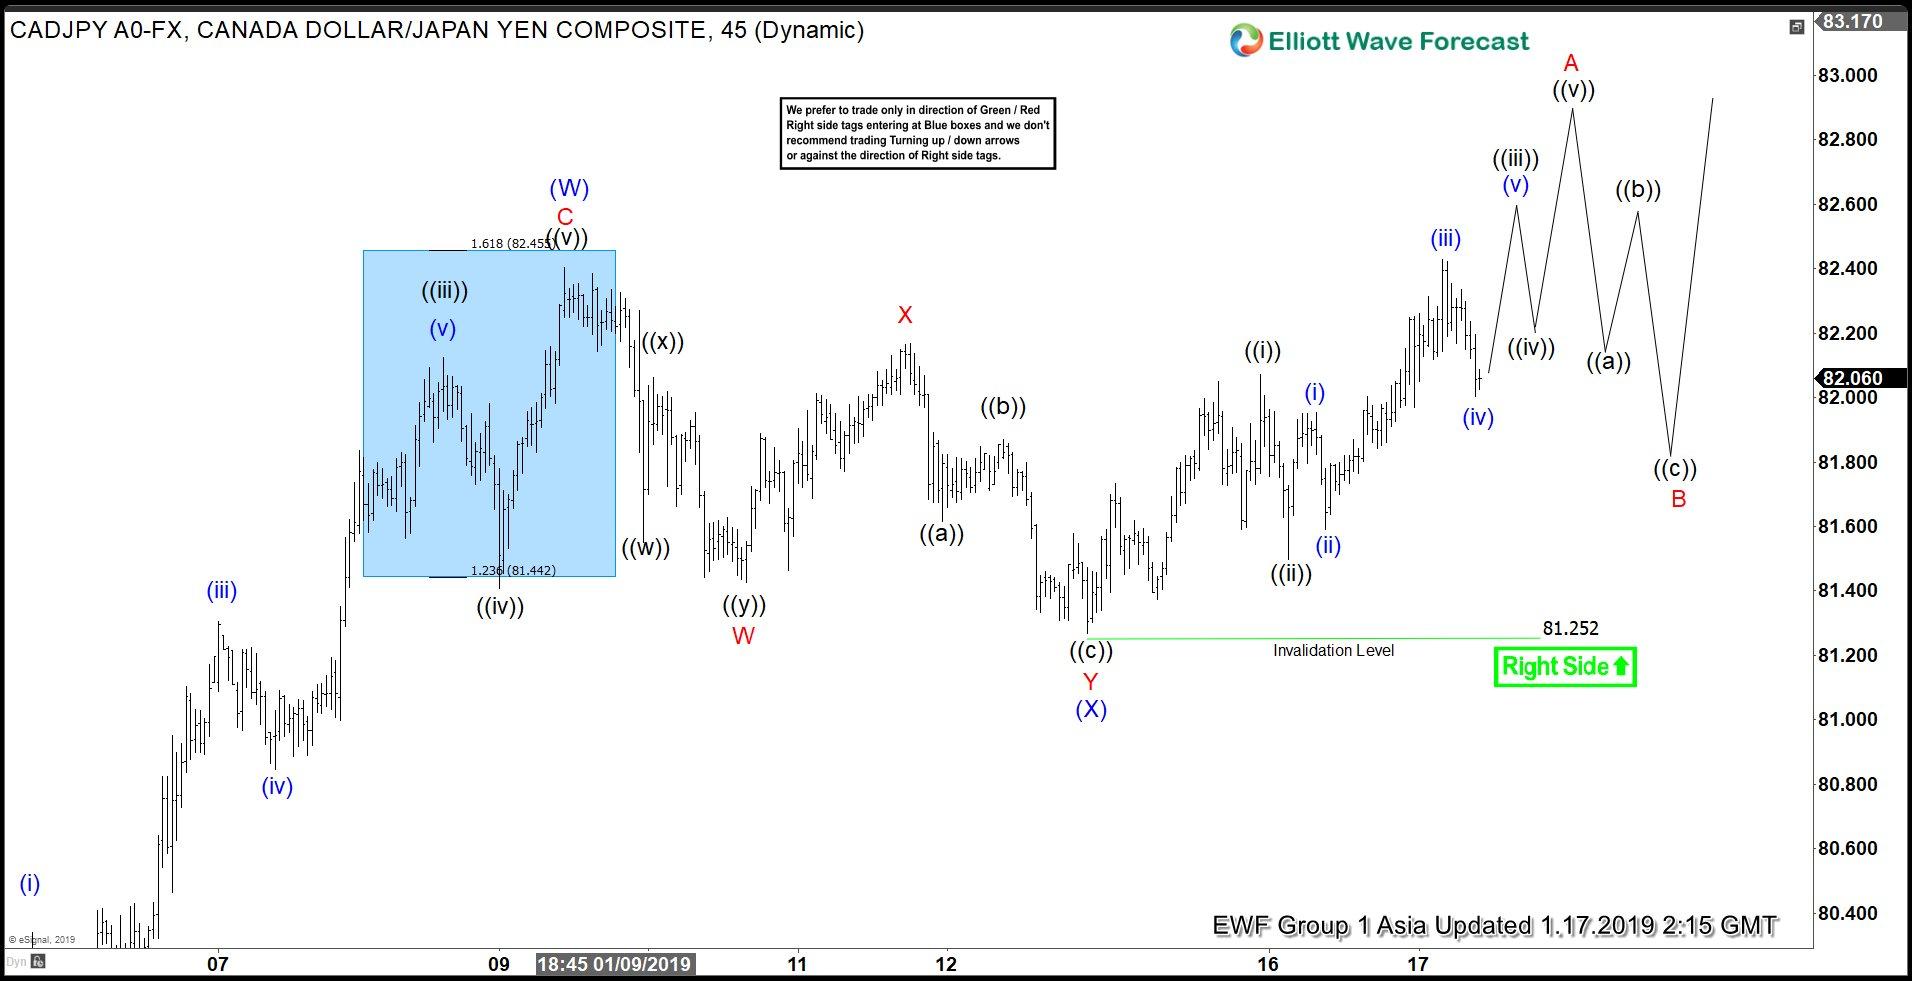 CADJPY Elliott Wave structure favors more upside